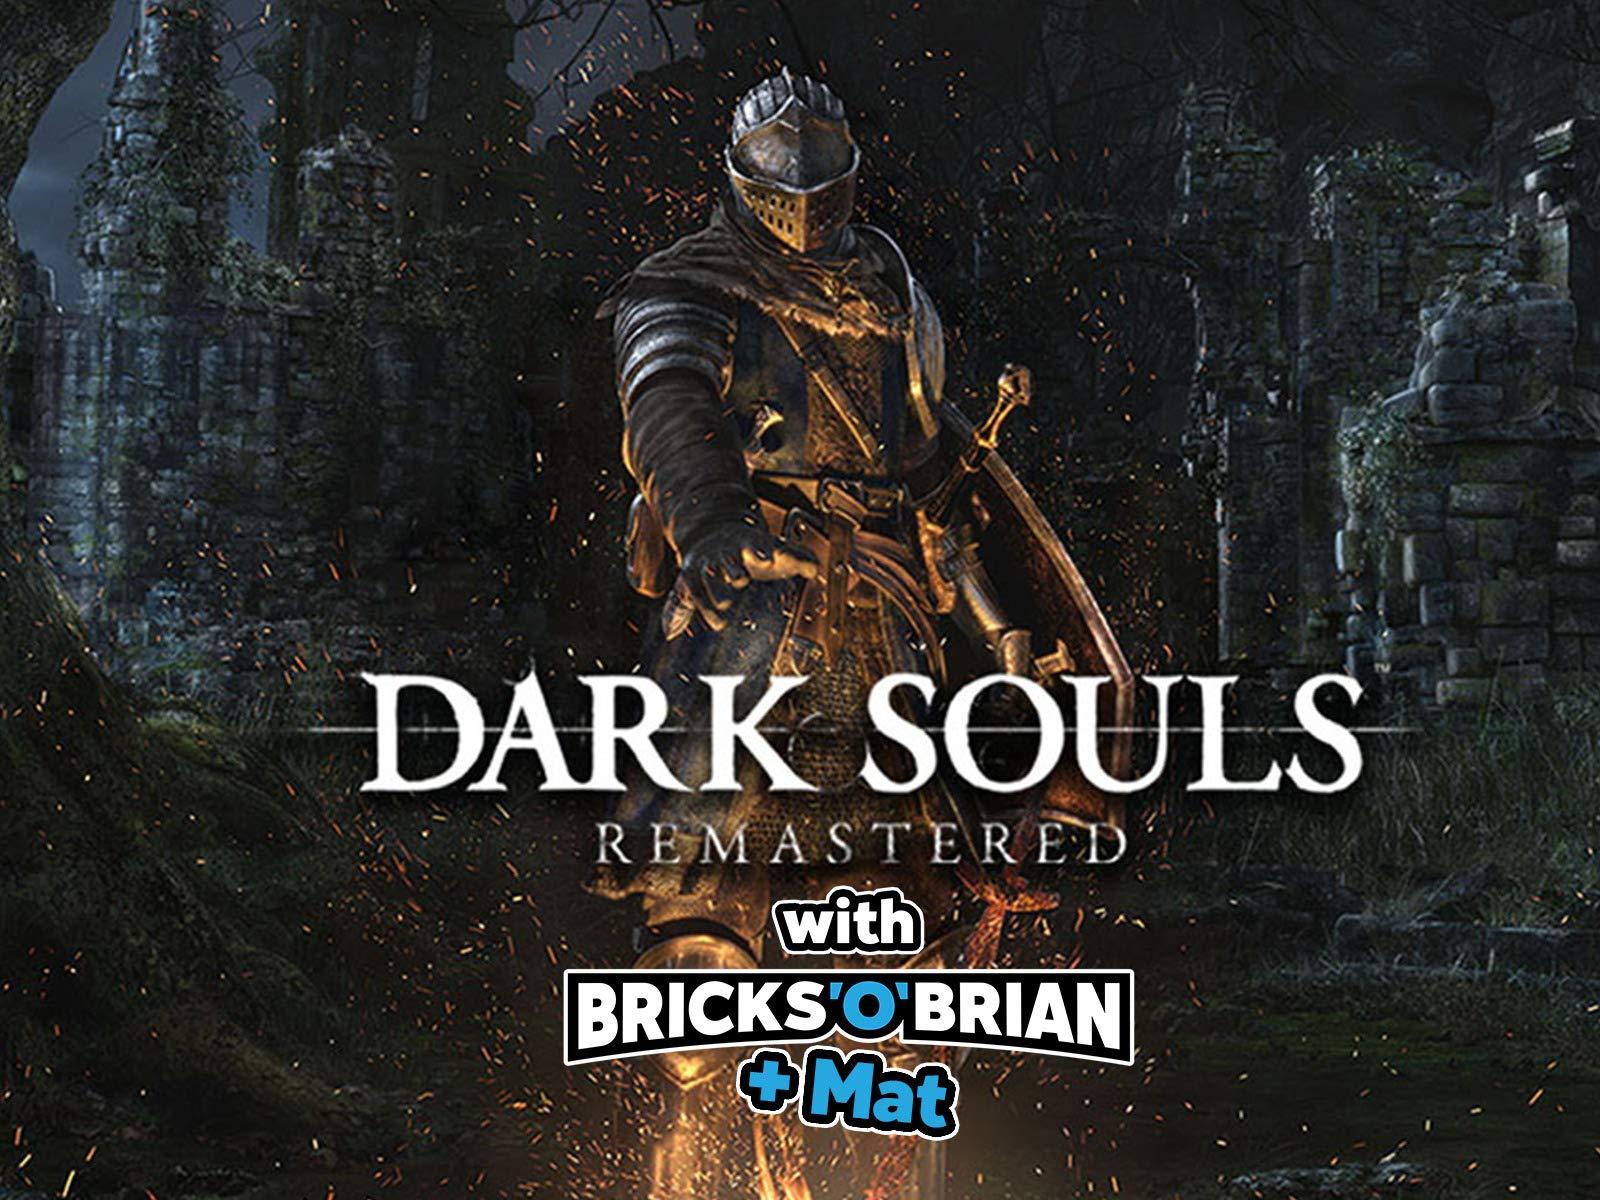 Clip: Dark Souls Remastered with Bricks 'O' Brian + Mat!